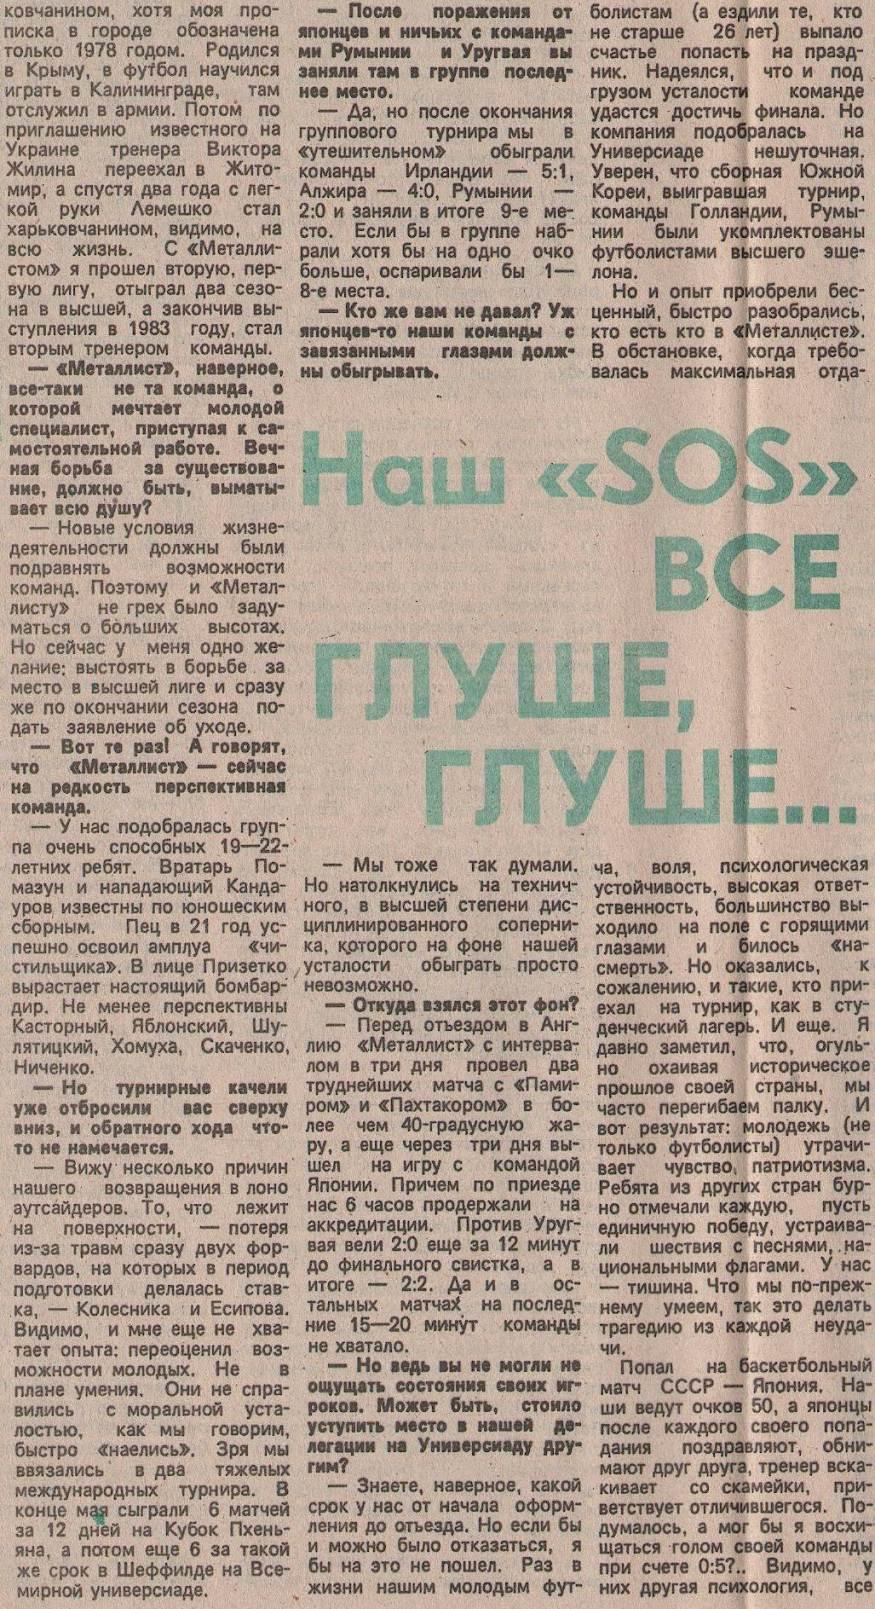 [Изображение: 1991-08-11_Tkachenko_nash-sos-vse-glushe_02.jpg]